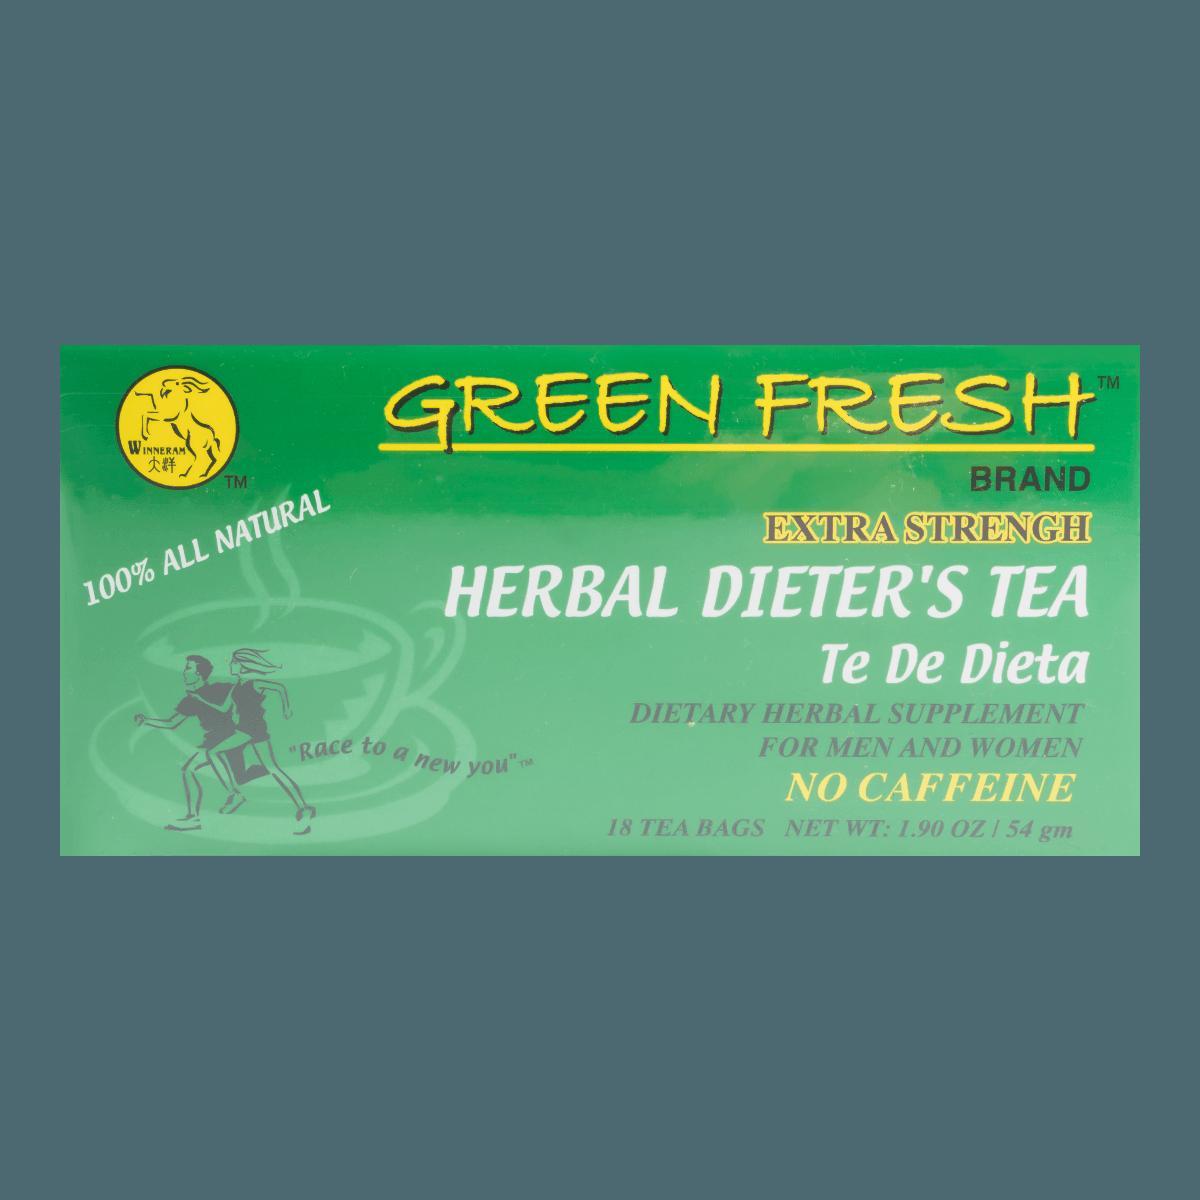 大洋 GREEN FRESH 强效中草药无咖啡因减肥茶 18包入 54g 怎么样 - 亚米网